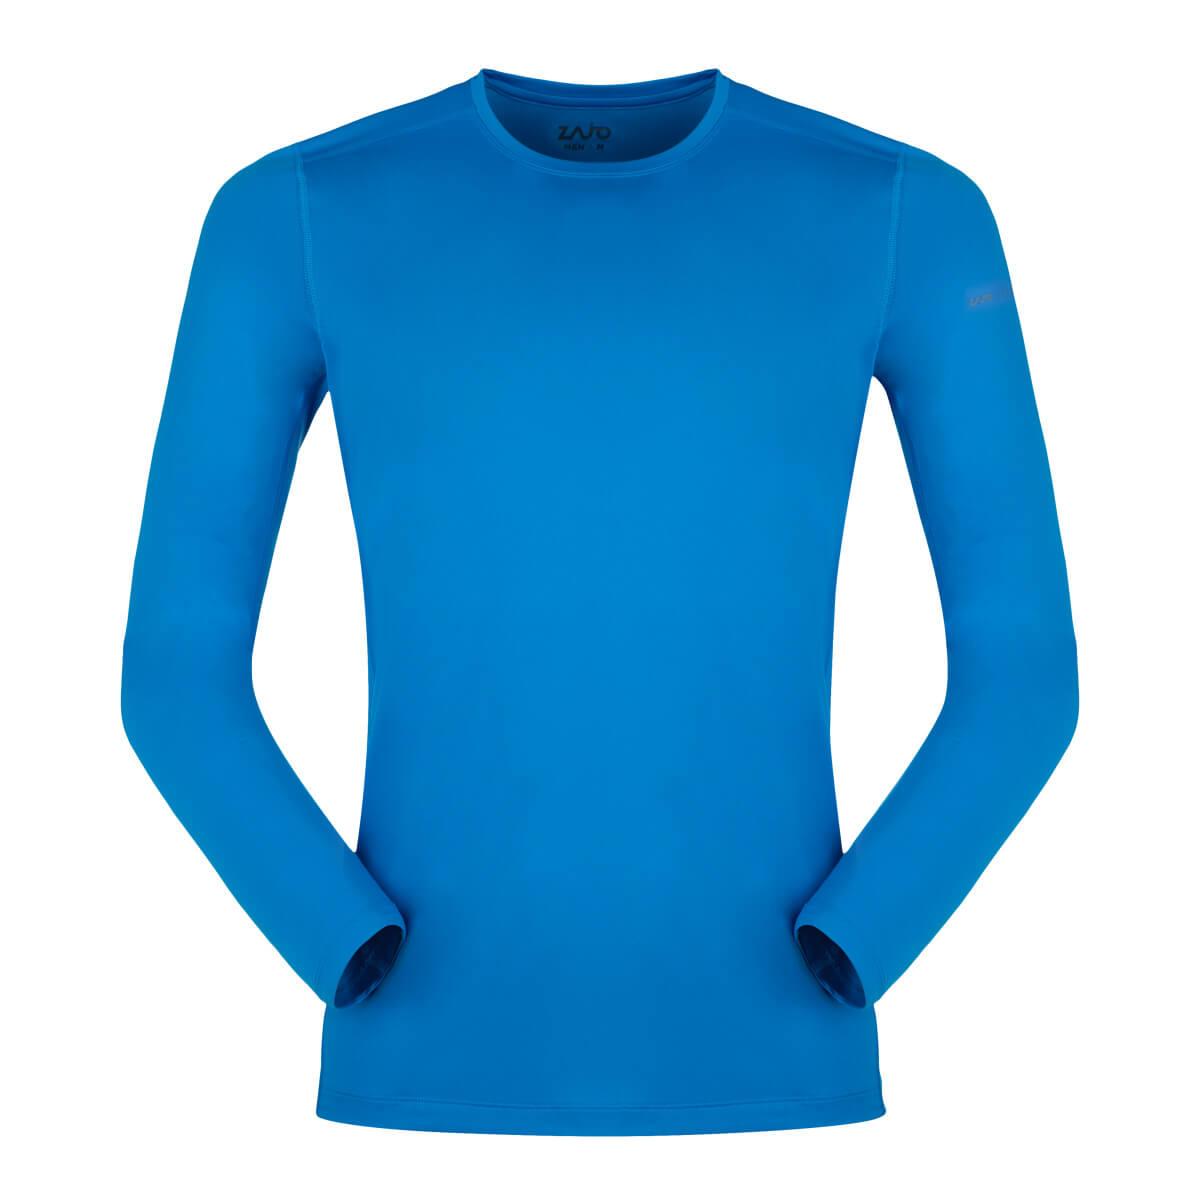 ZAJO Litio T-shirt LS Ibiza Blue pánske tričko - veľkosť S